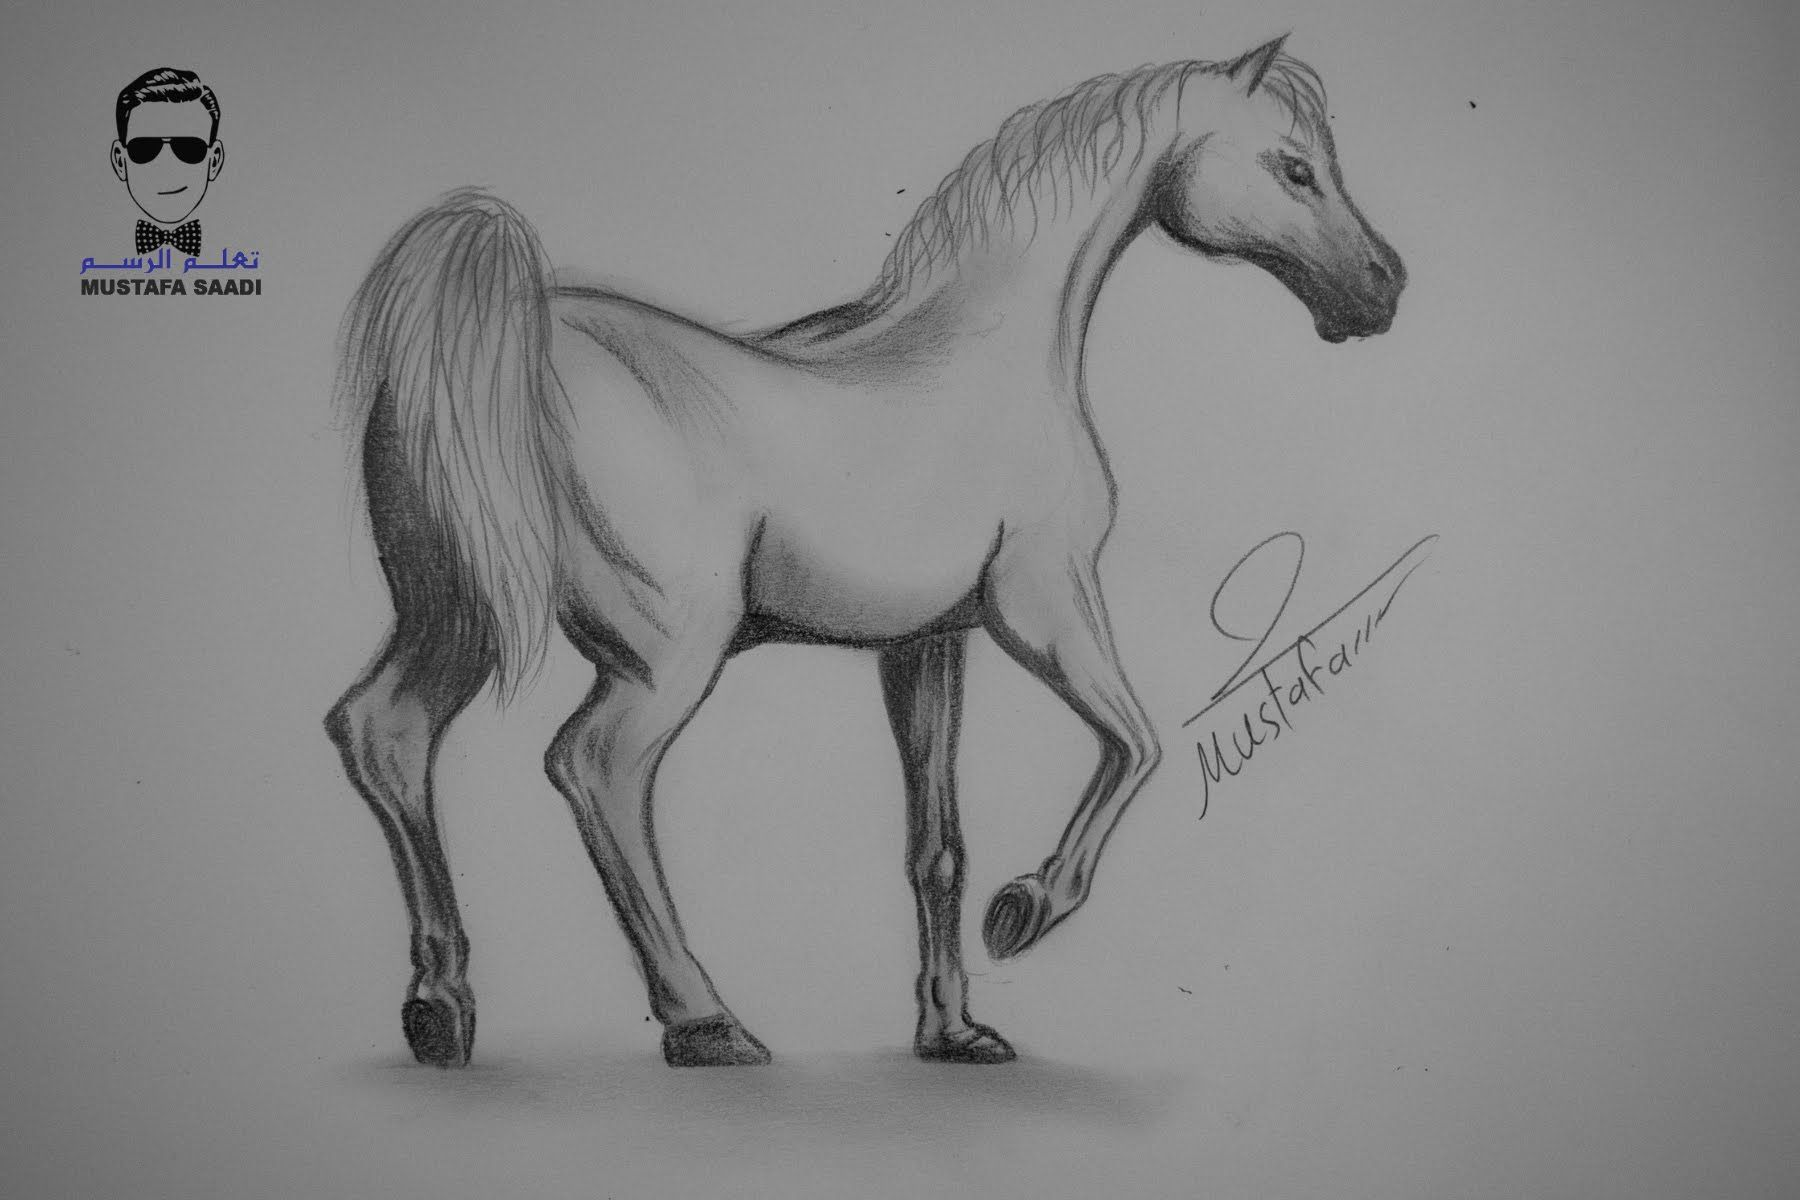 تعلم كيفية رسم حصان بالرصاص مع الخطوات للمبتدئين Animal Drawings Sketches Art Drawings